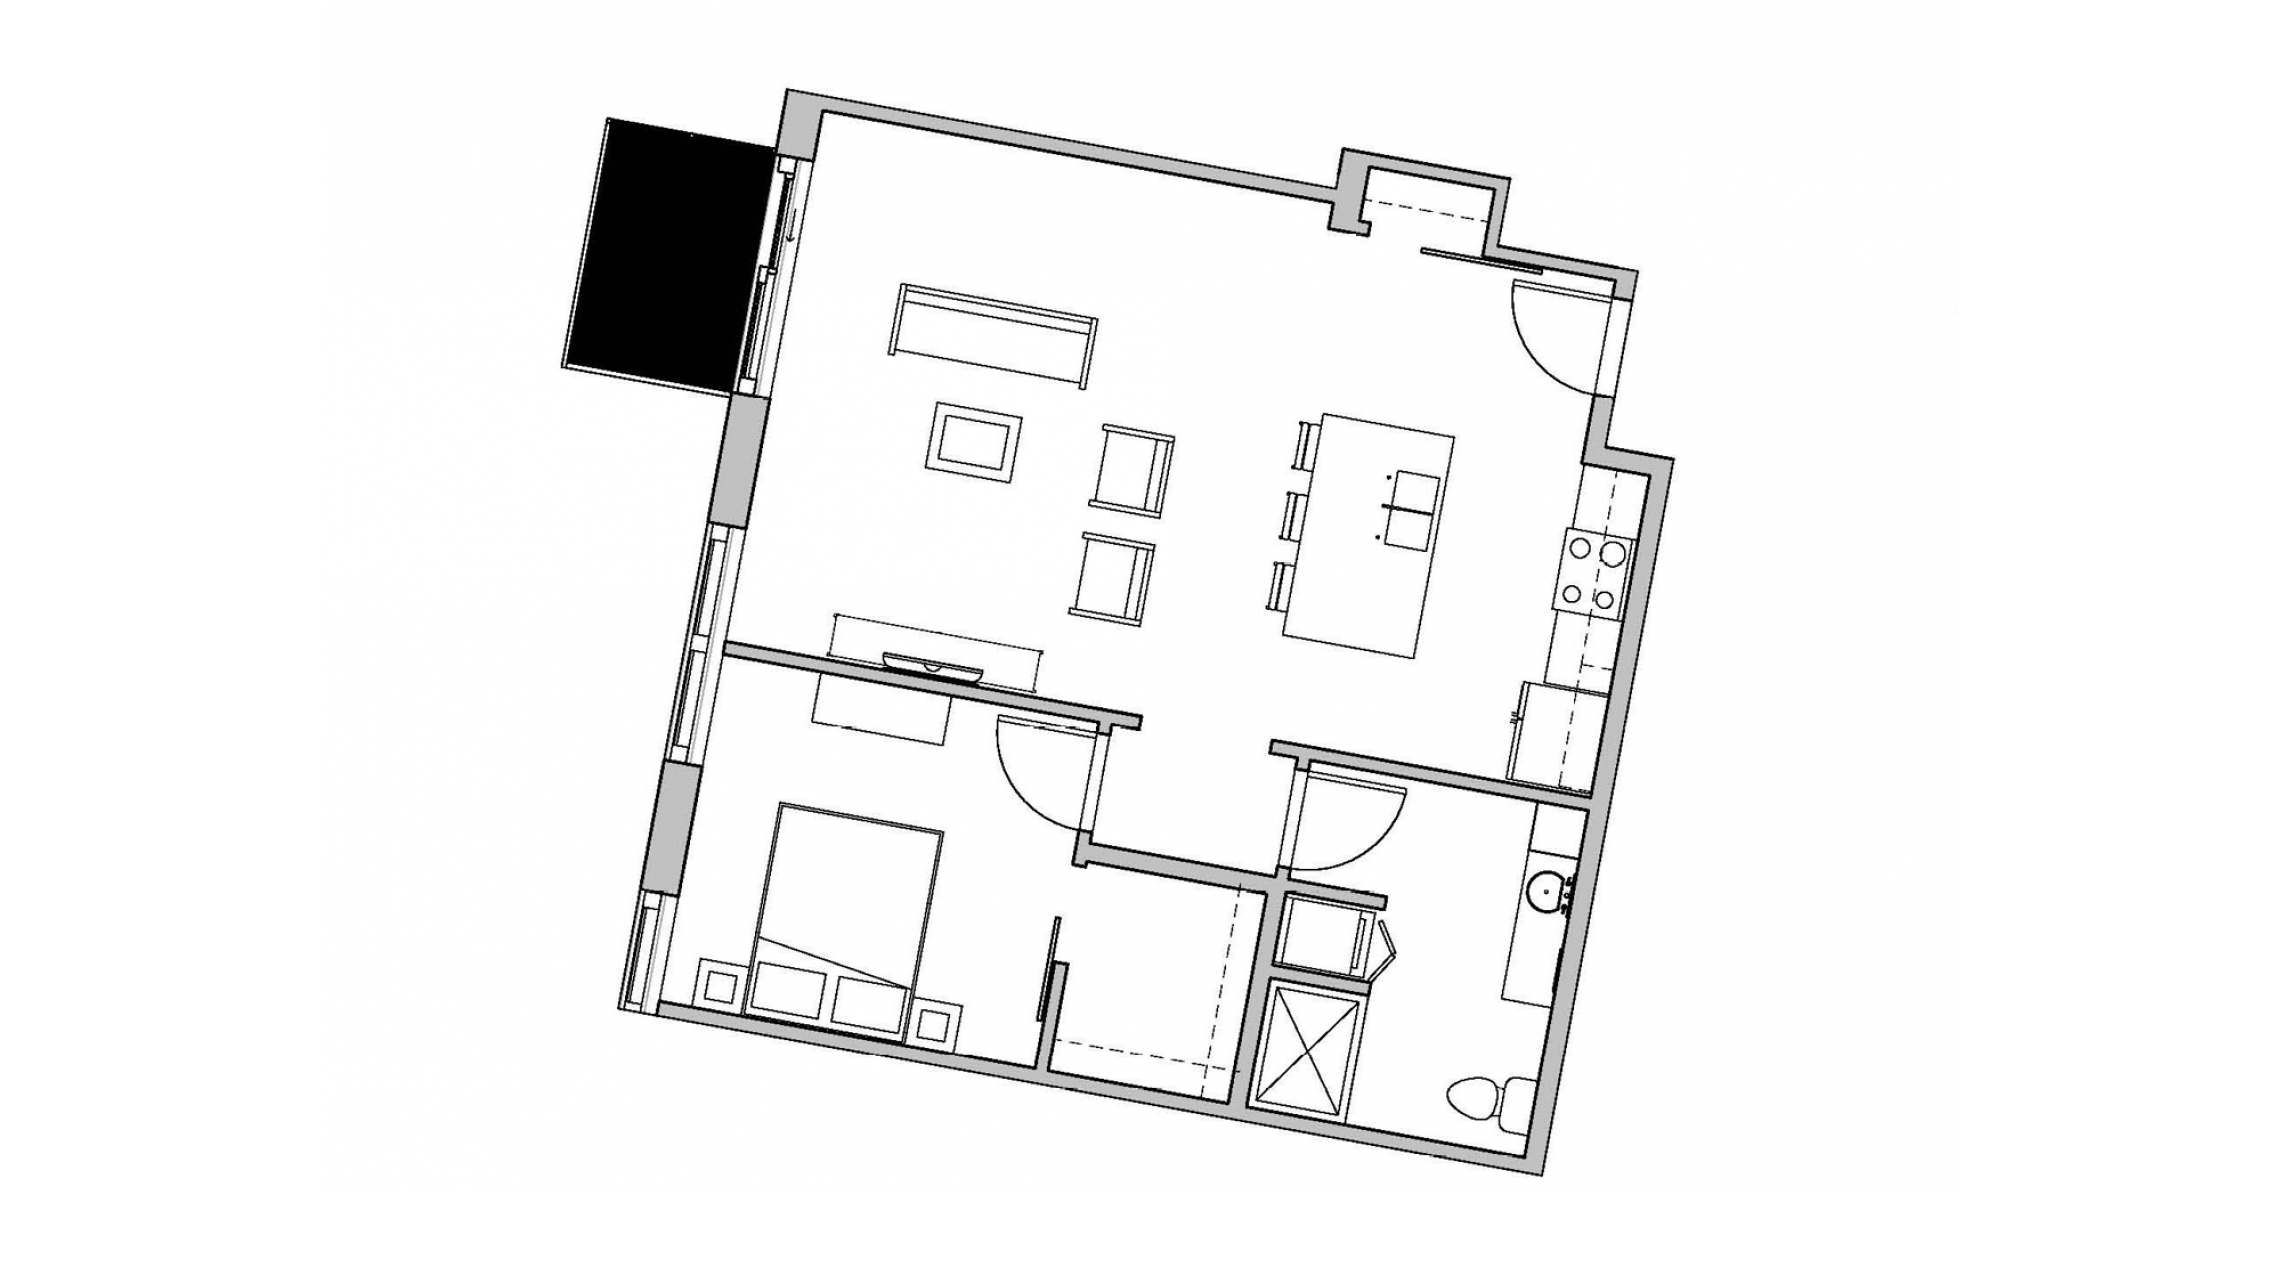 ULI Seven27 235 - One Bedroom, One Bathroom